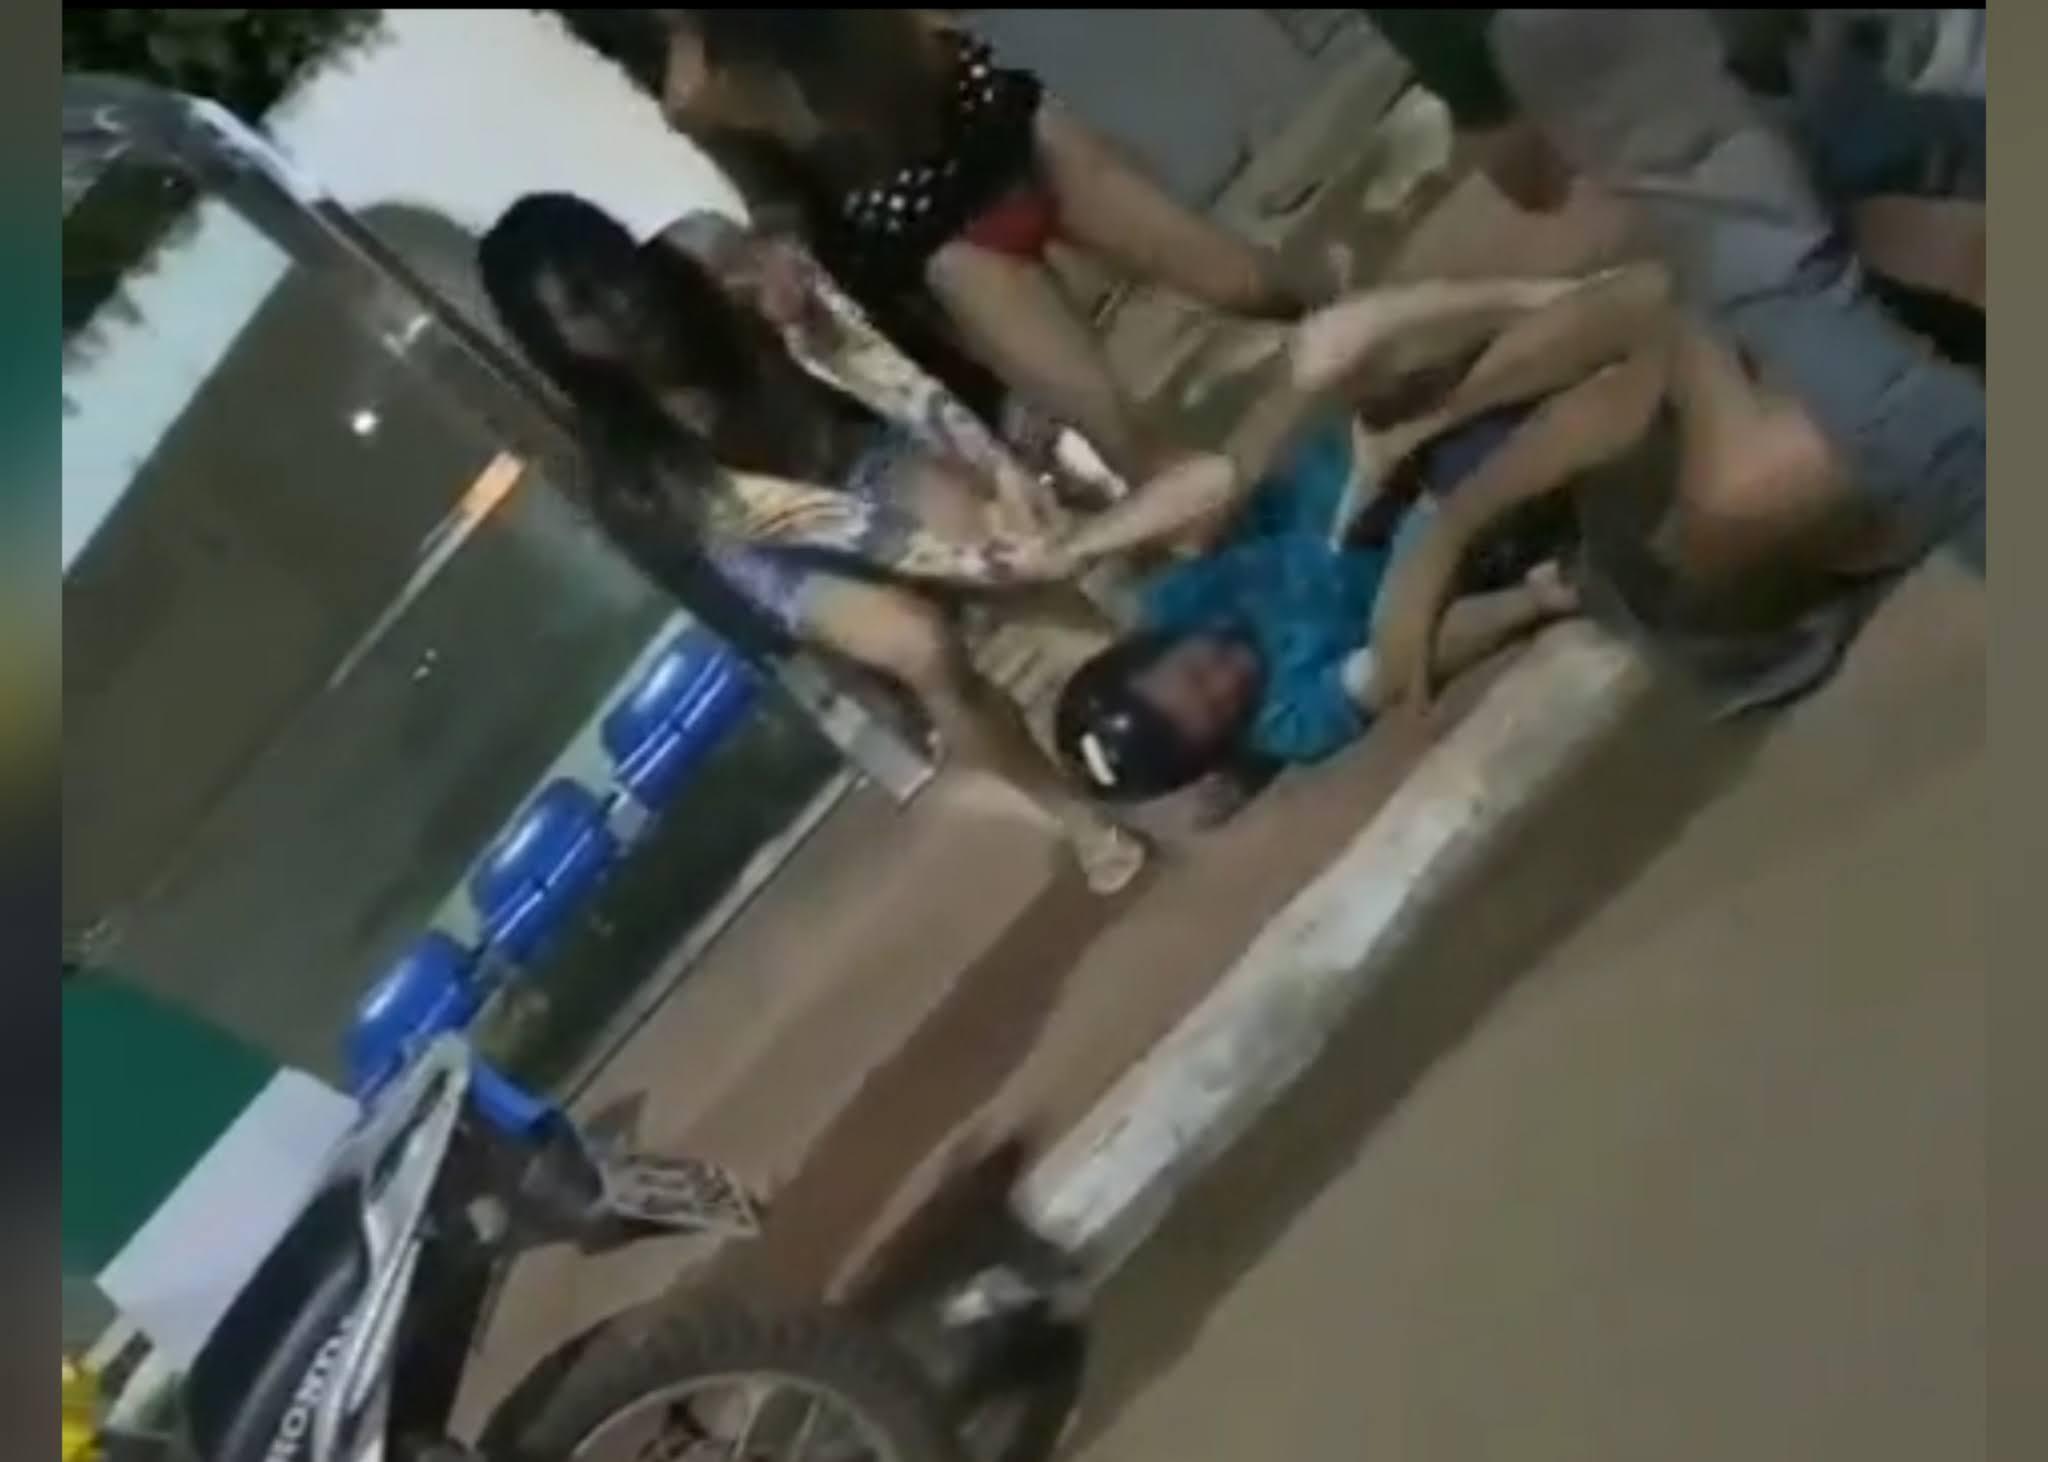 Briga entre travesti e cliente acaba em pancadaria em Canaã dos Carajás.  https://www.portalpebao.com.br/2021/04/briga-entre-travesti-e-cliente-acaba-em.html?m=1